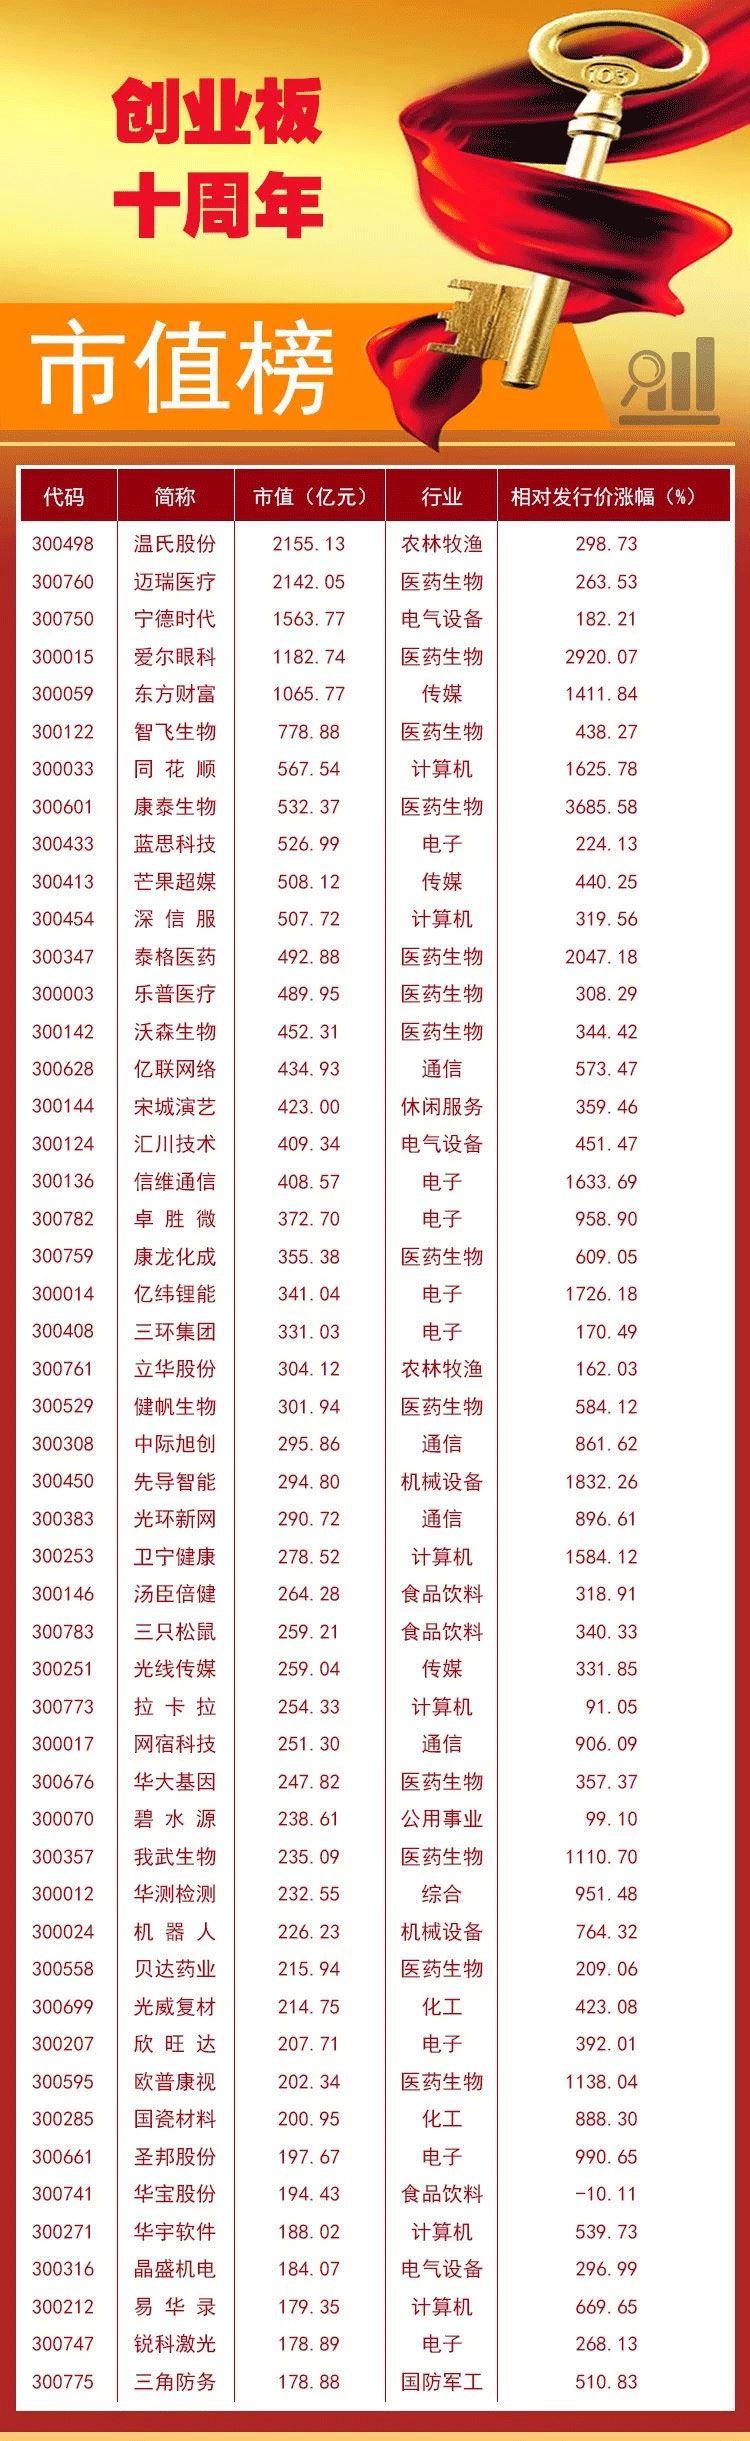 创业板十年10倍个股仅18只 12股曾登顶市值老大 多股市值毁灭超500亿